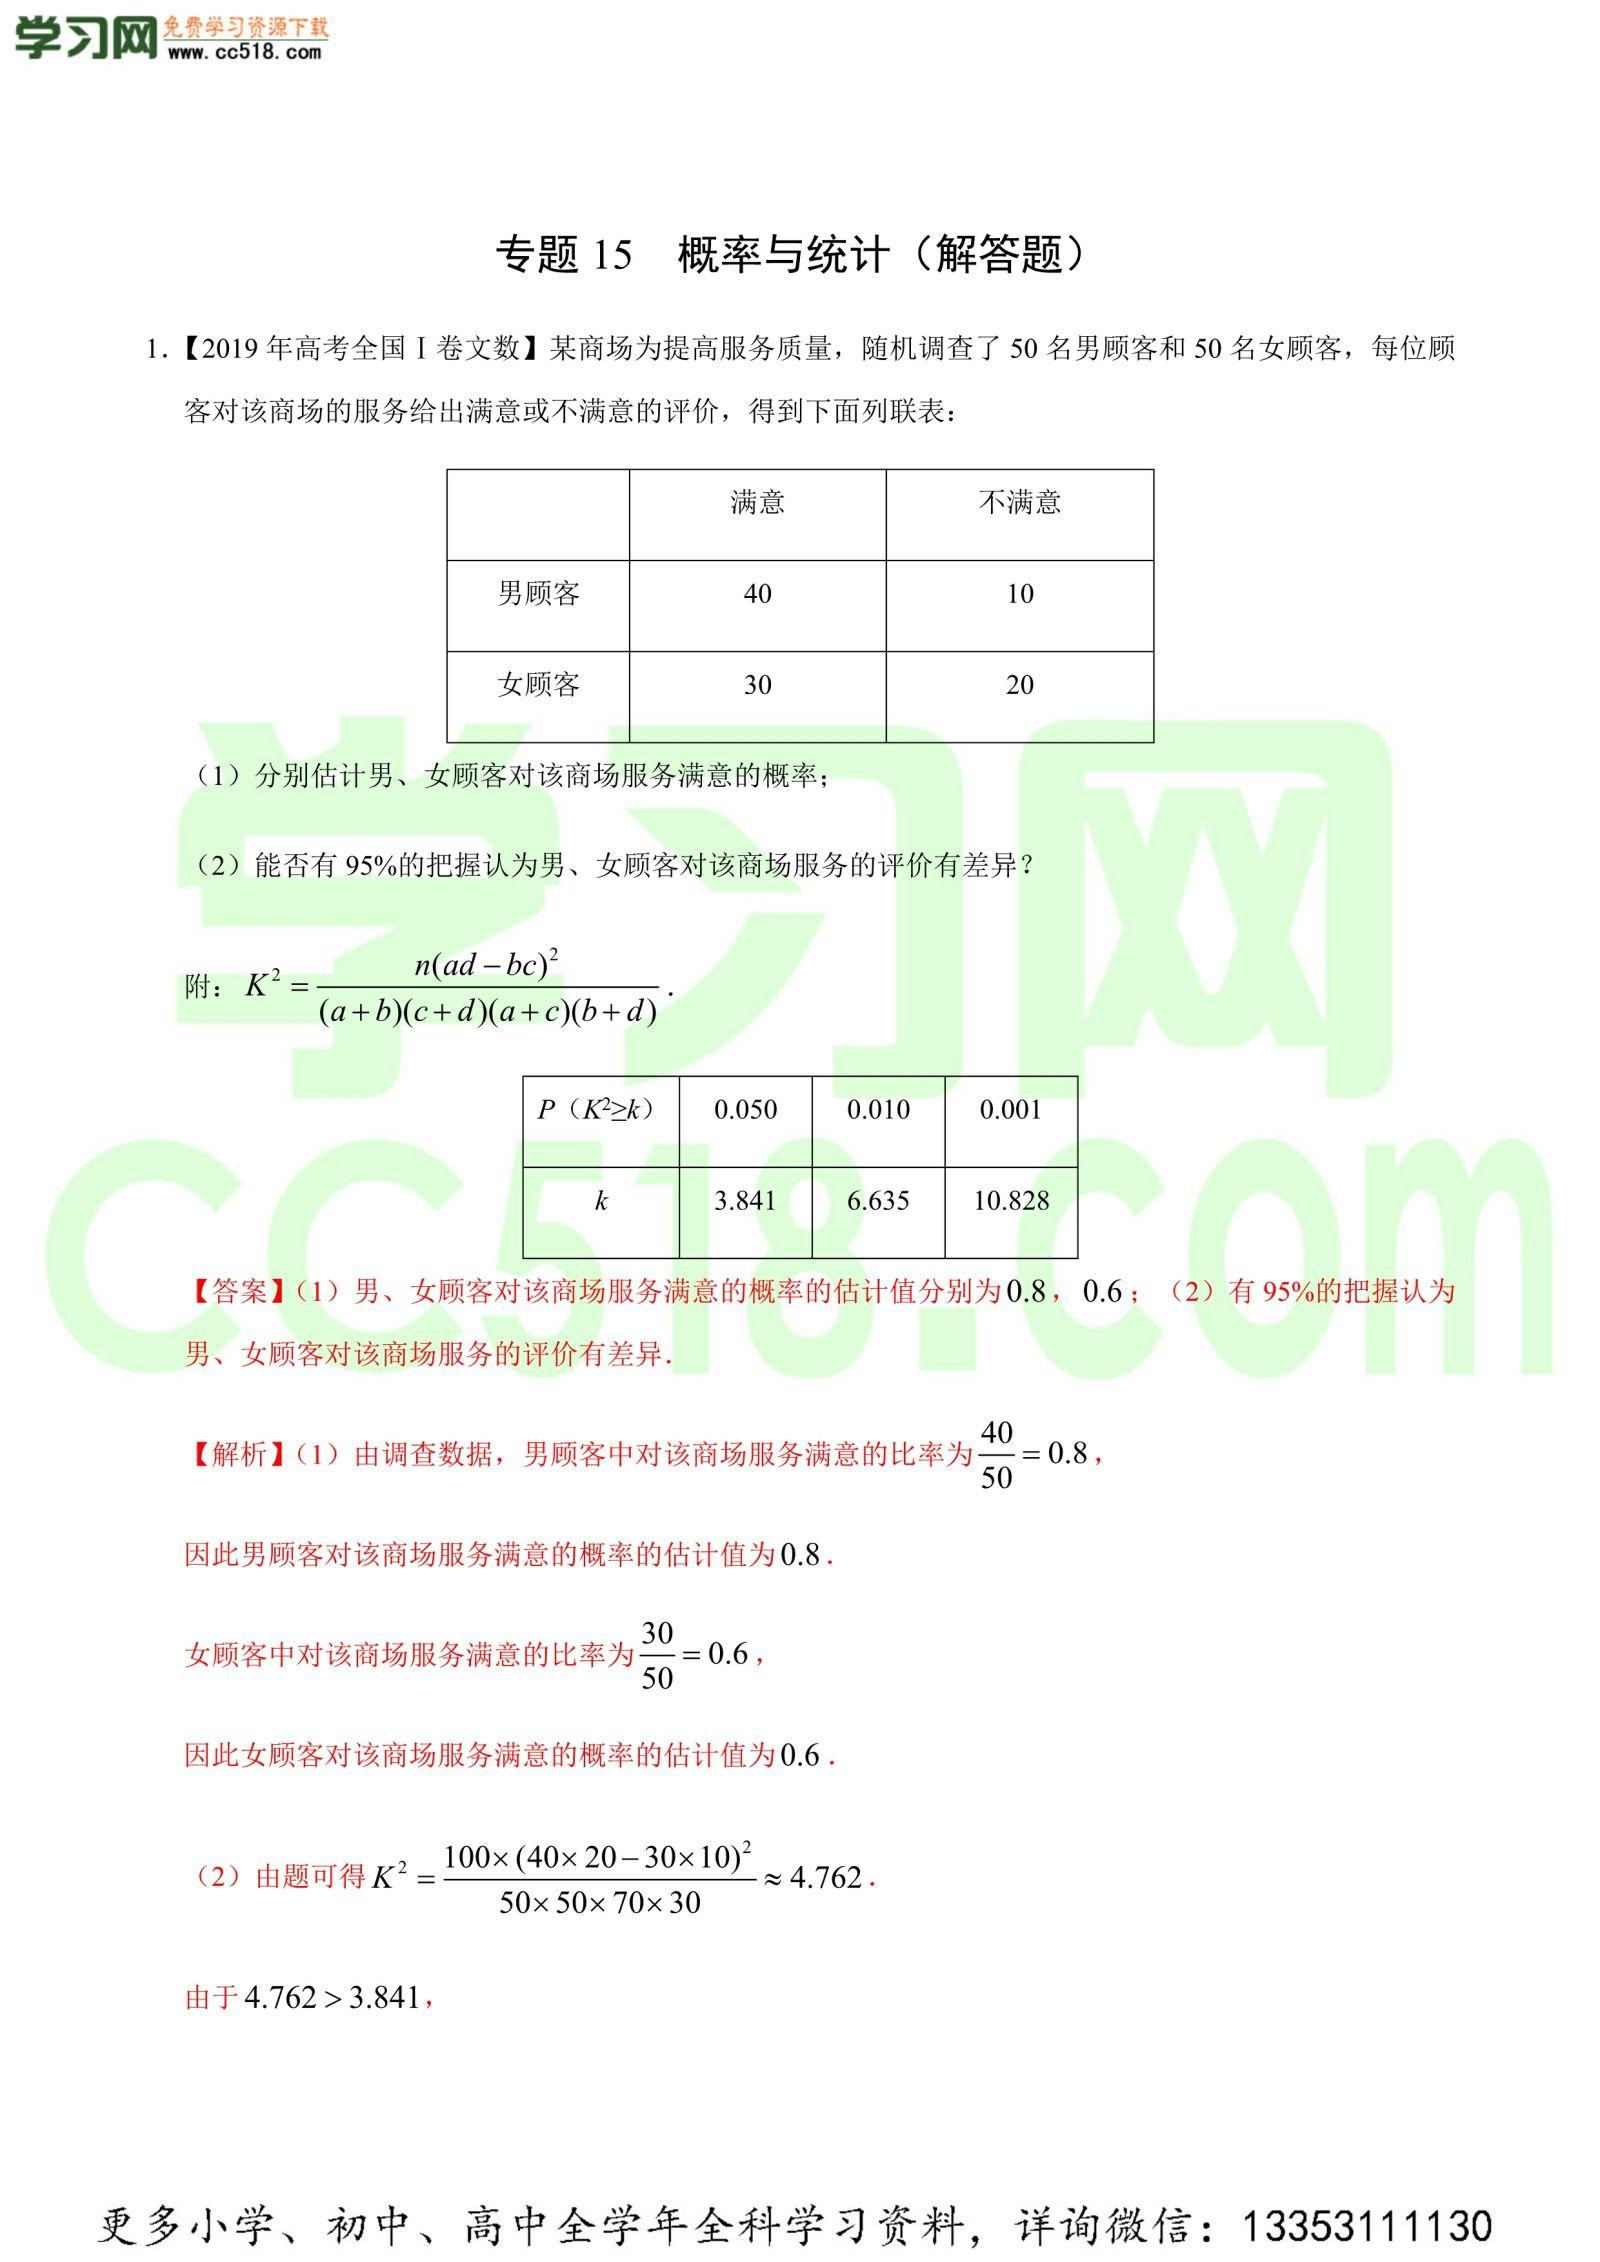 概率与统计(解答题)-高考数学必刷三年高考数学考点大分类提分解读(解析版)